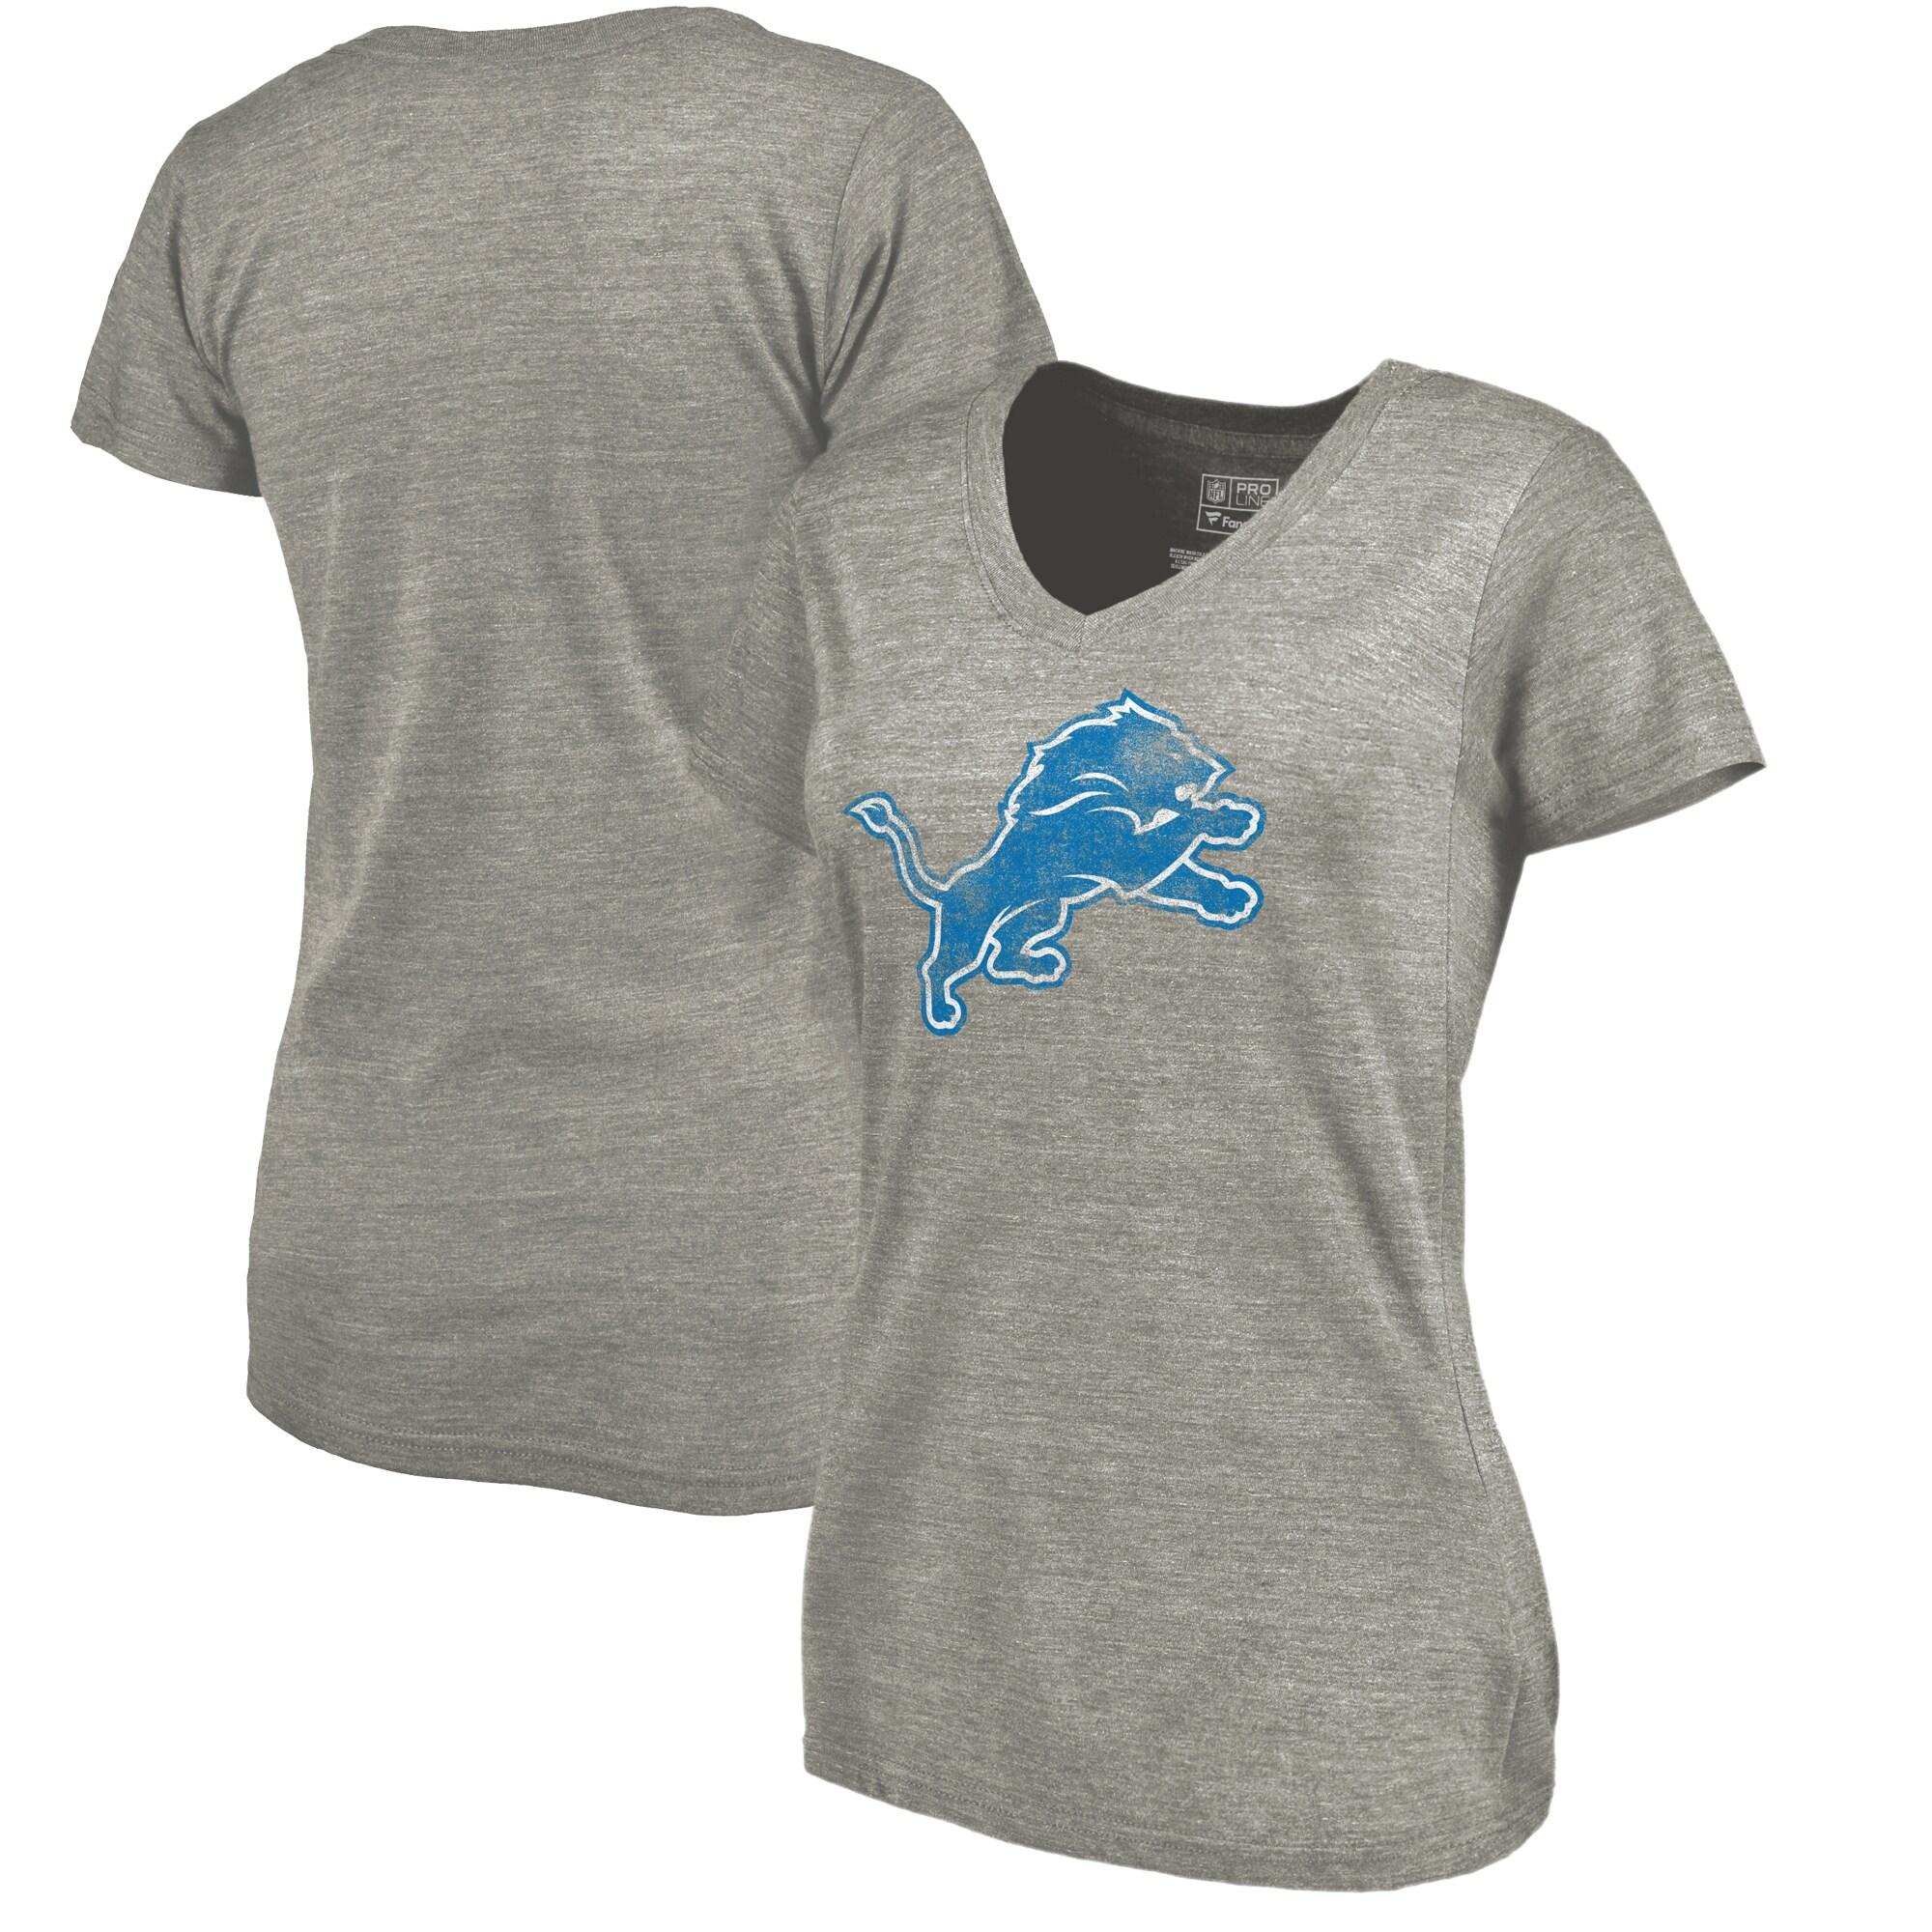 Detroit Lions NFL Pro Line Women's Distressed Team Tri-Blend T-Shirt - Ash